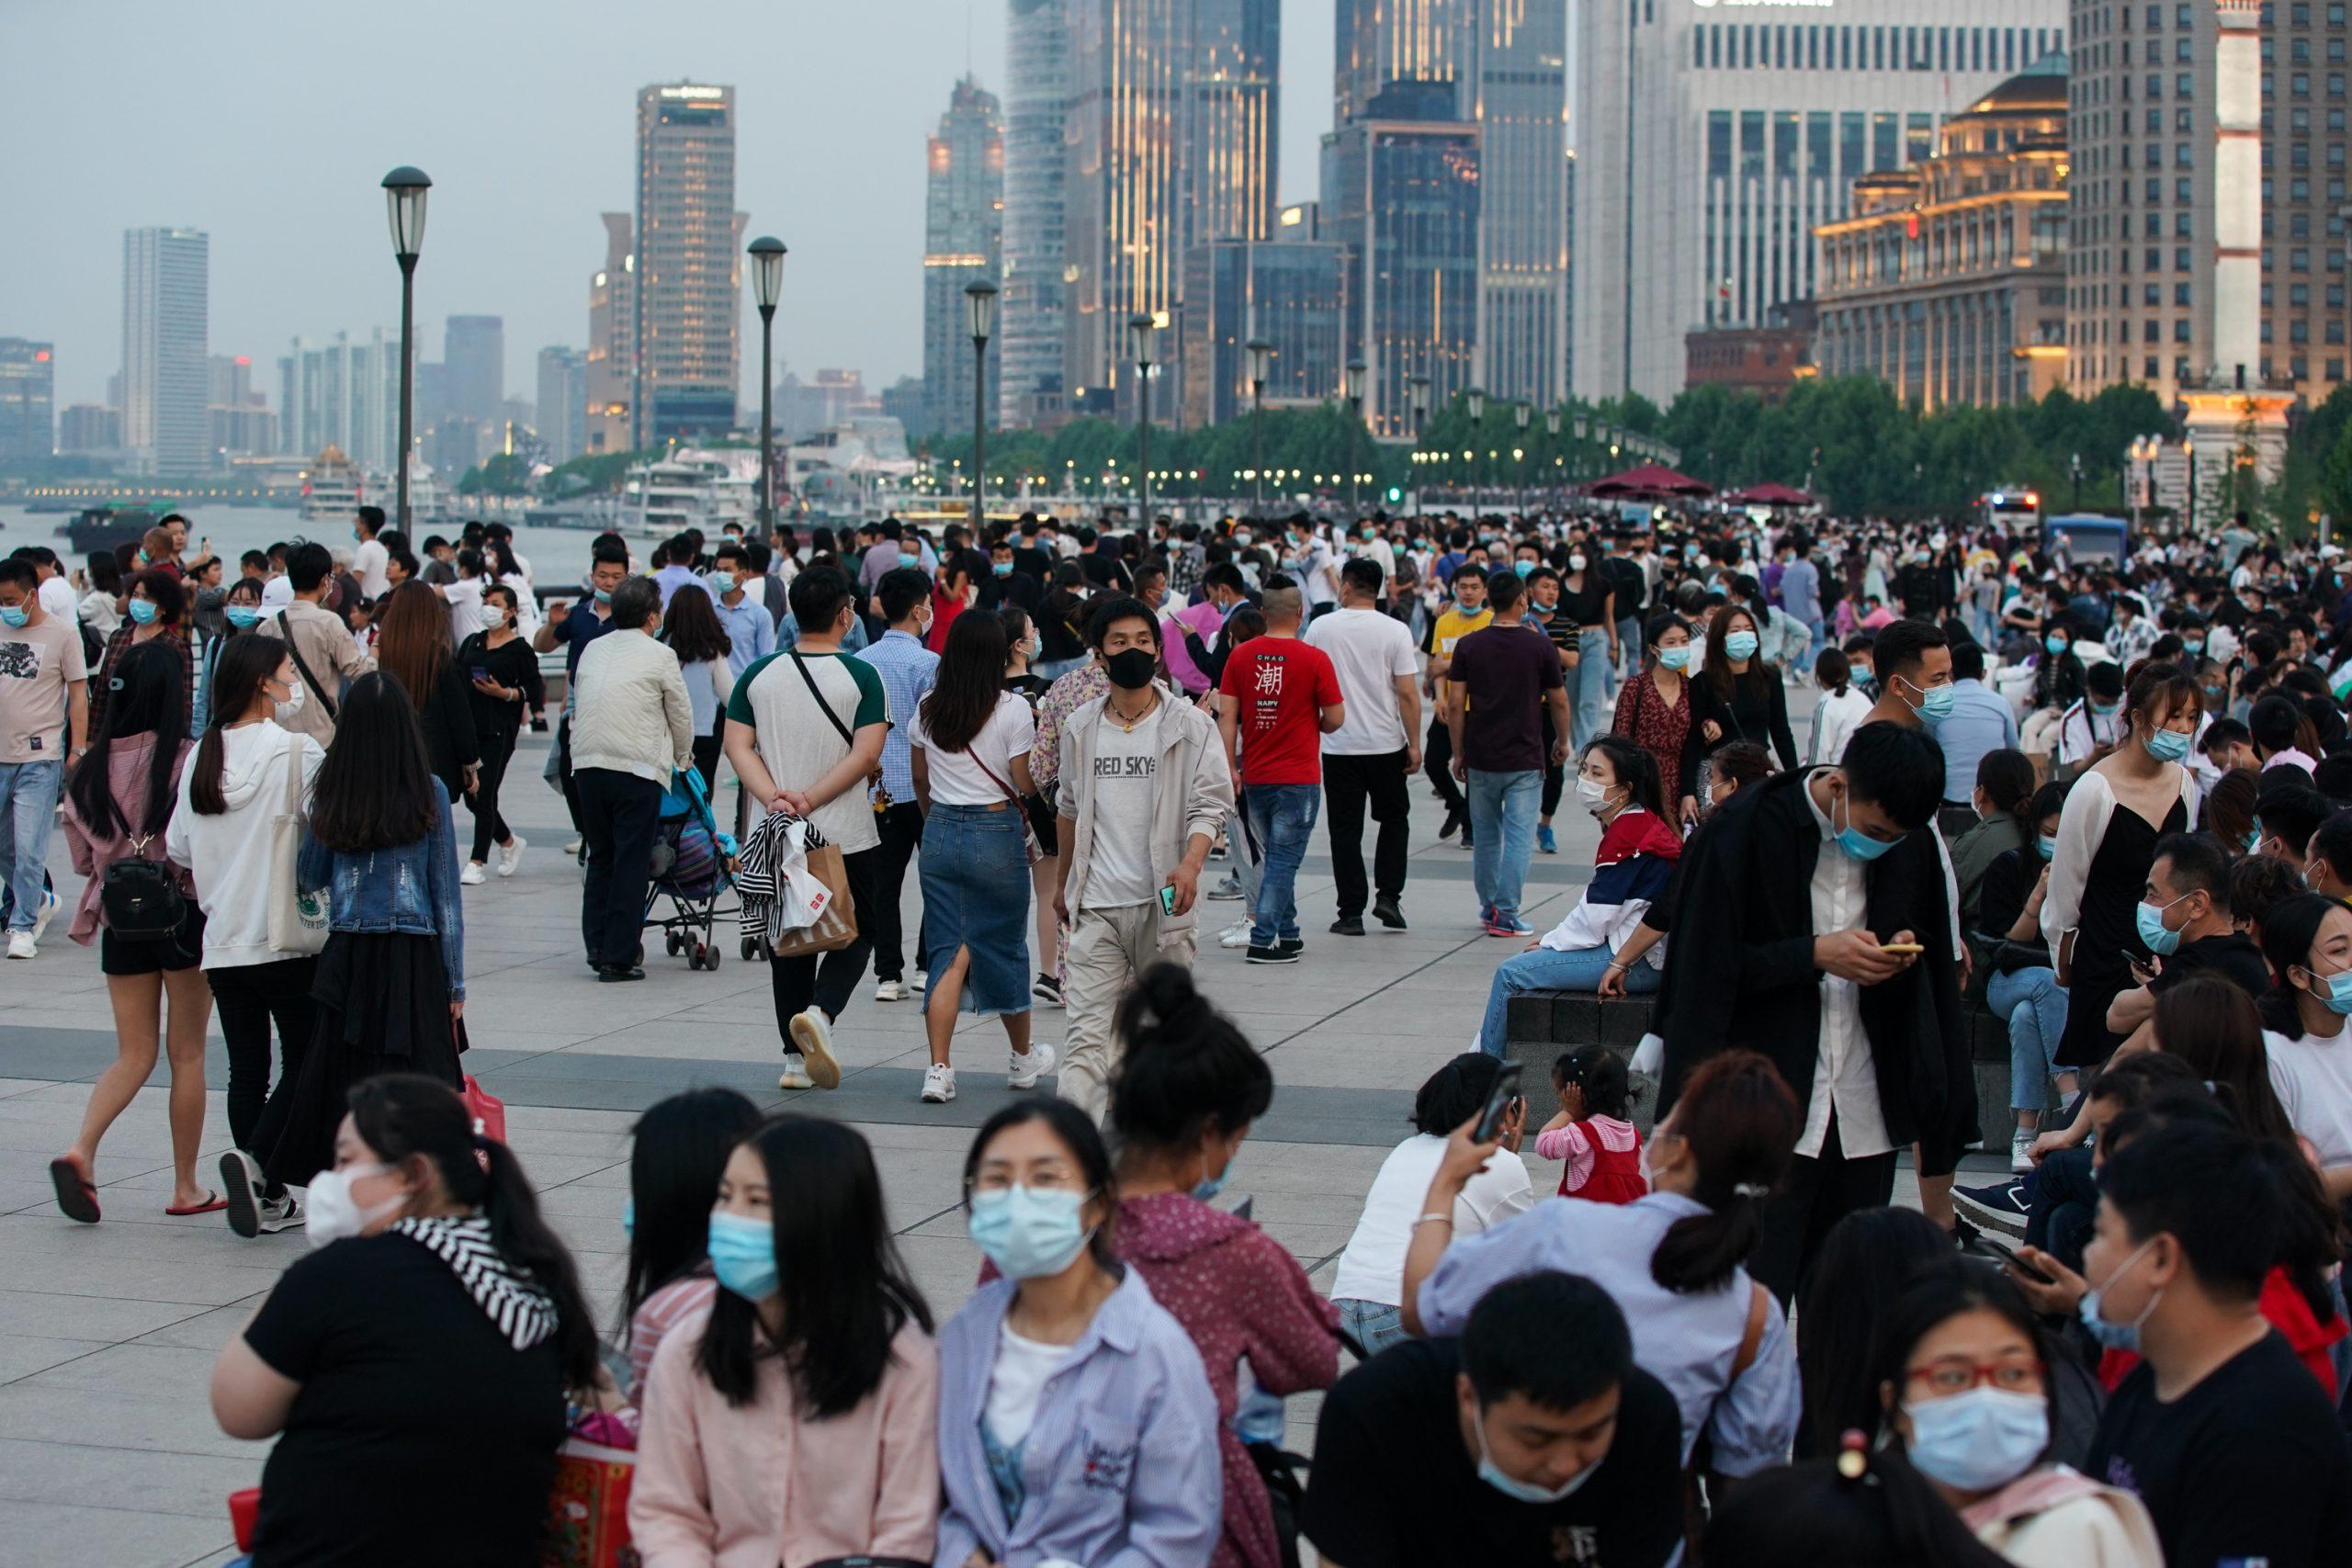 icanos que aún se encuentran varados en China piden ayuda a SRE para volver a casa